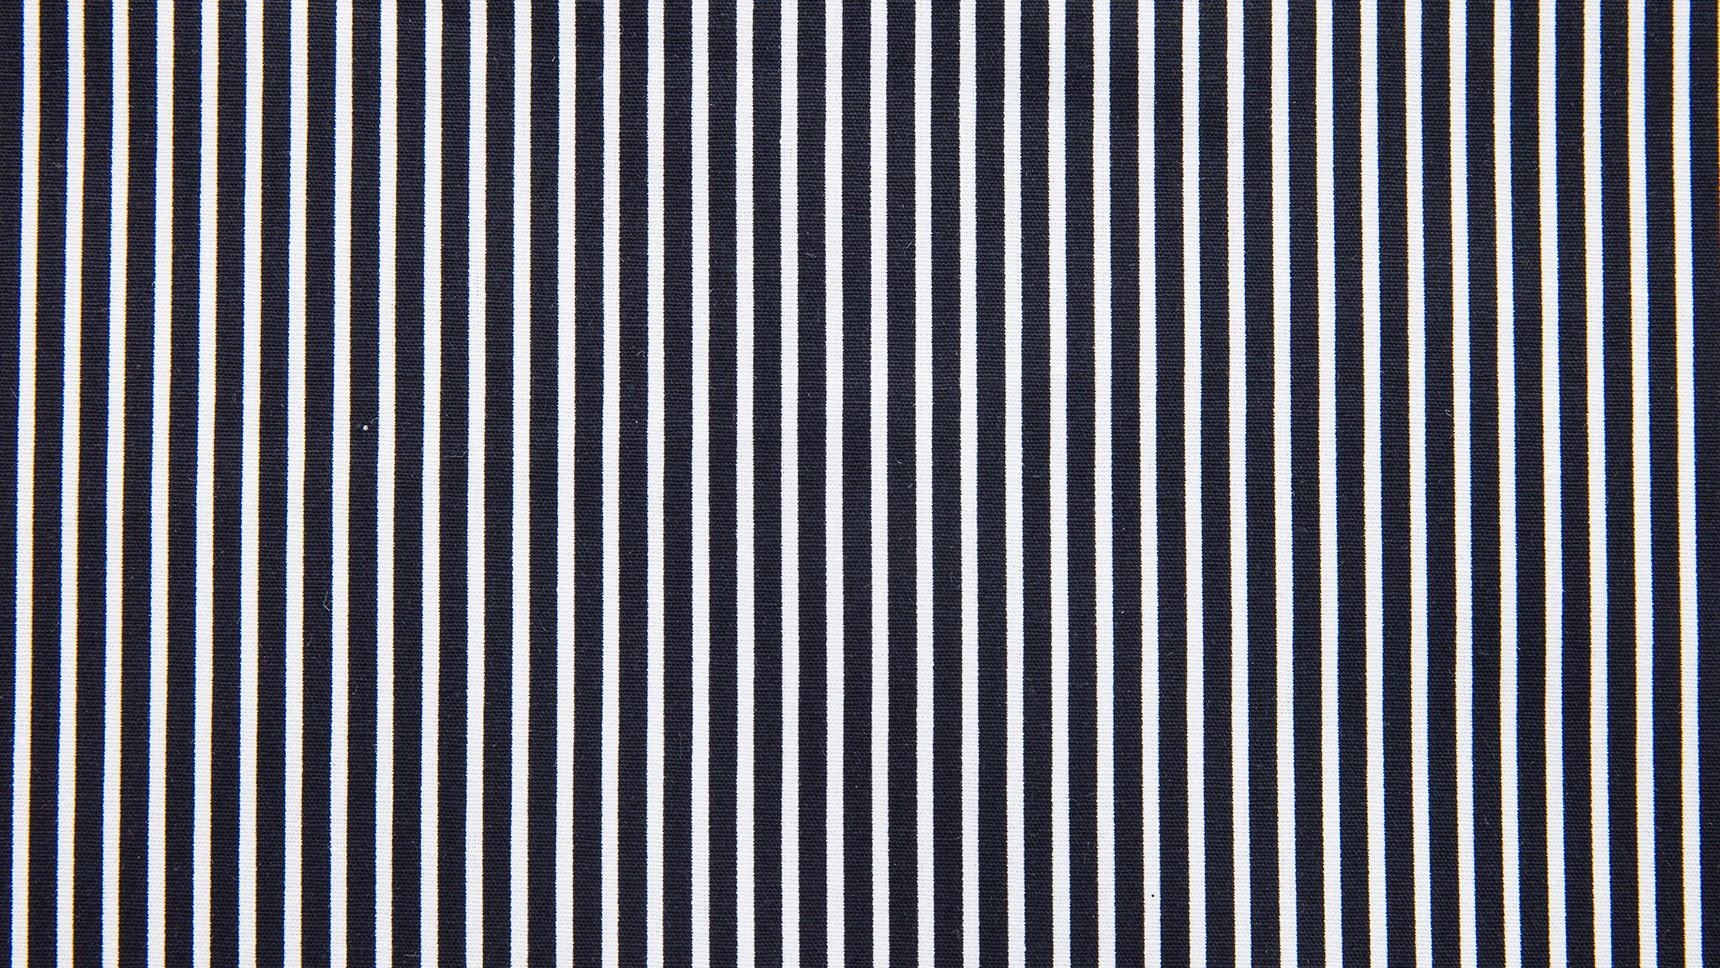 Riscas - Branco - Preto